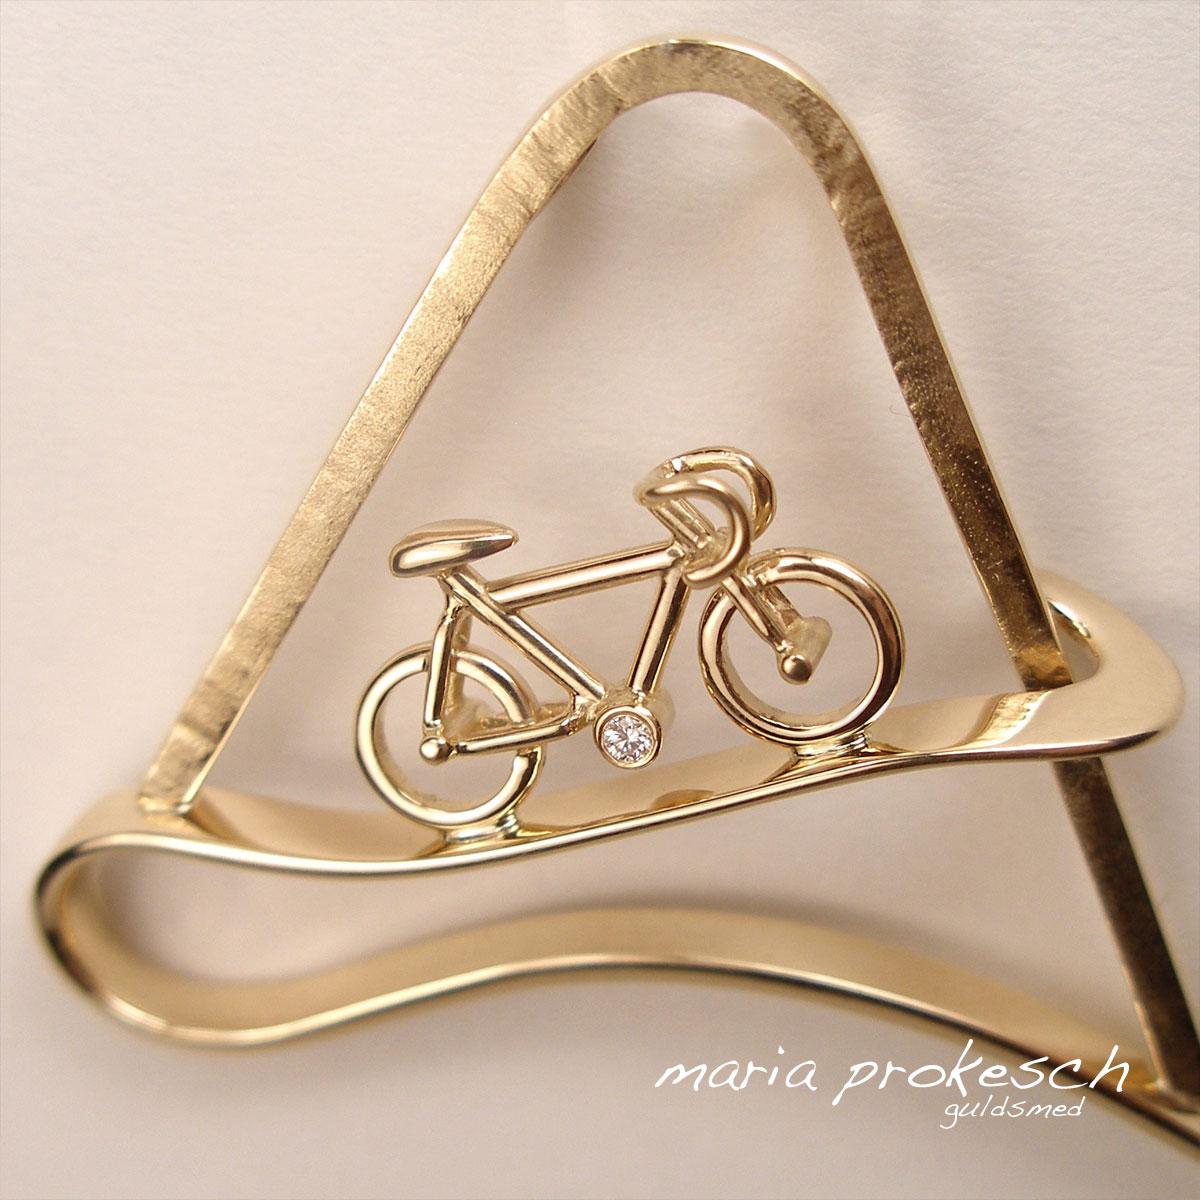 Cykel vedhæng i 14 kt guld. 11 mm høj cykel kører op ad bjergvej. Unikt smykke for cykelsport. Alt håndlavet.